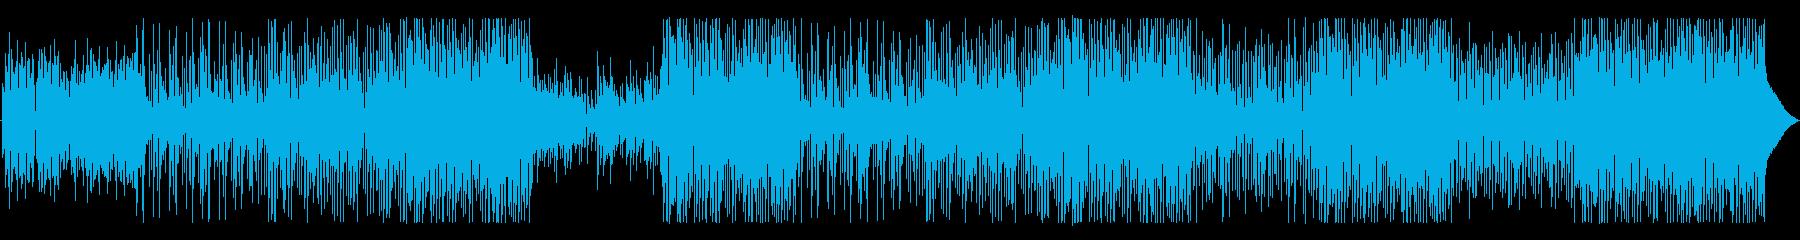 伝統的なジャズのメロディーに基づい...の再生済みの波形